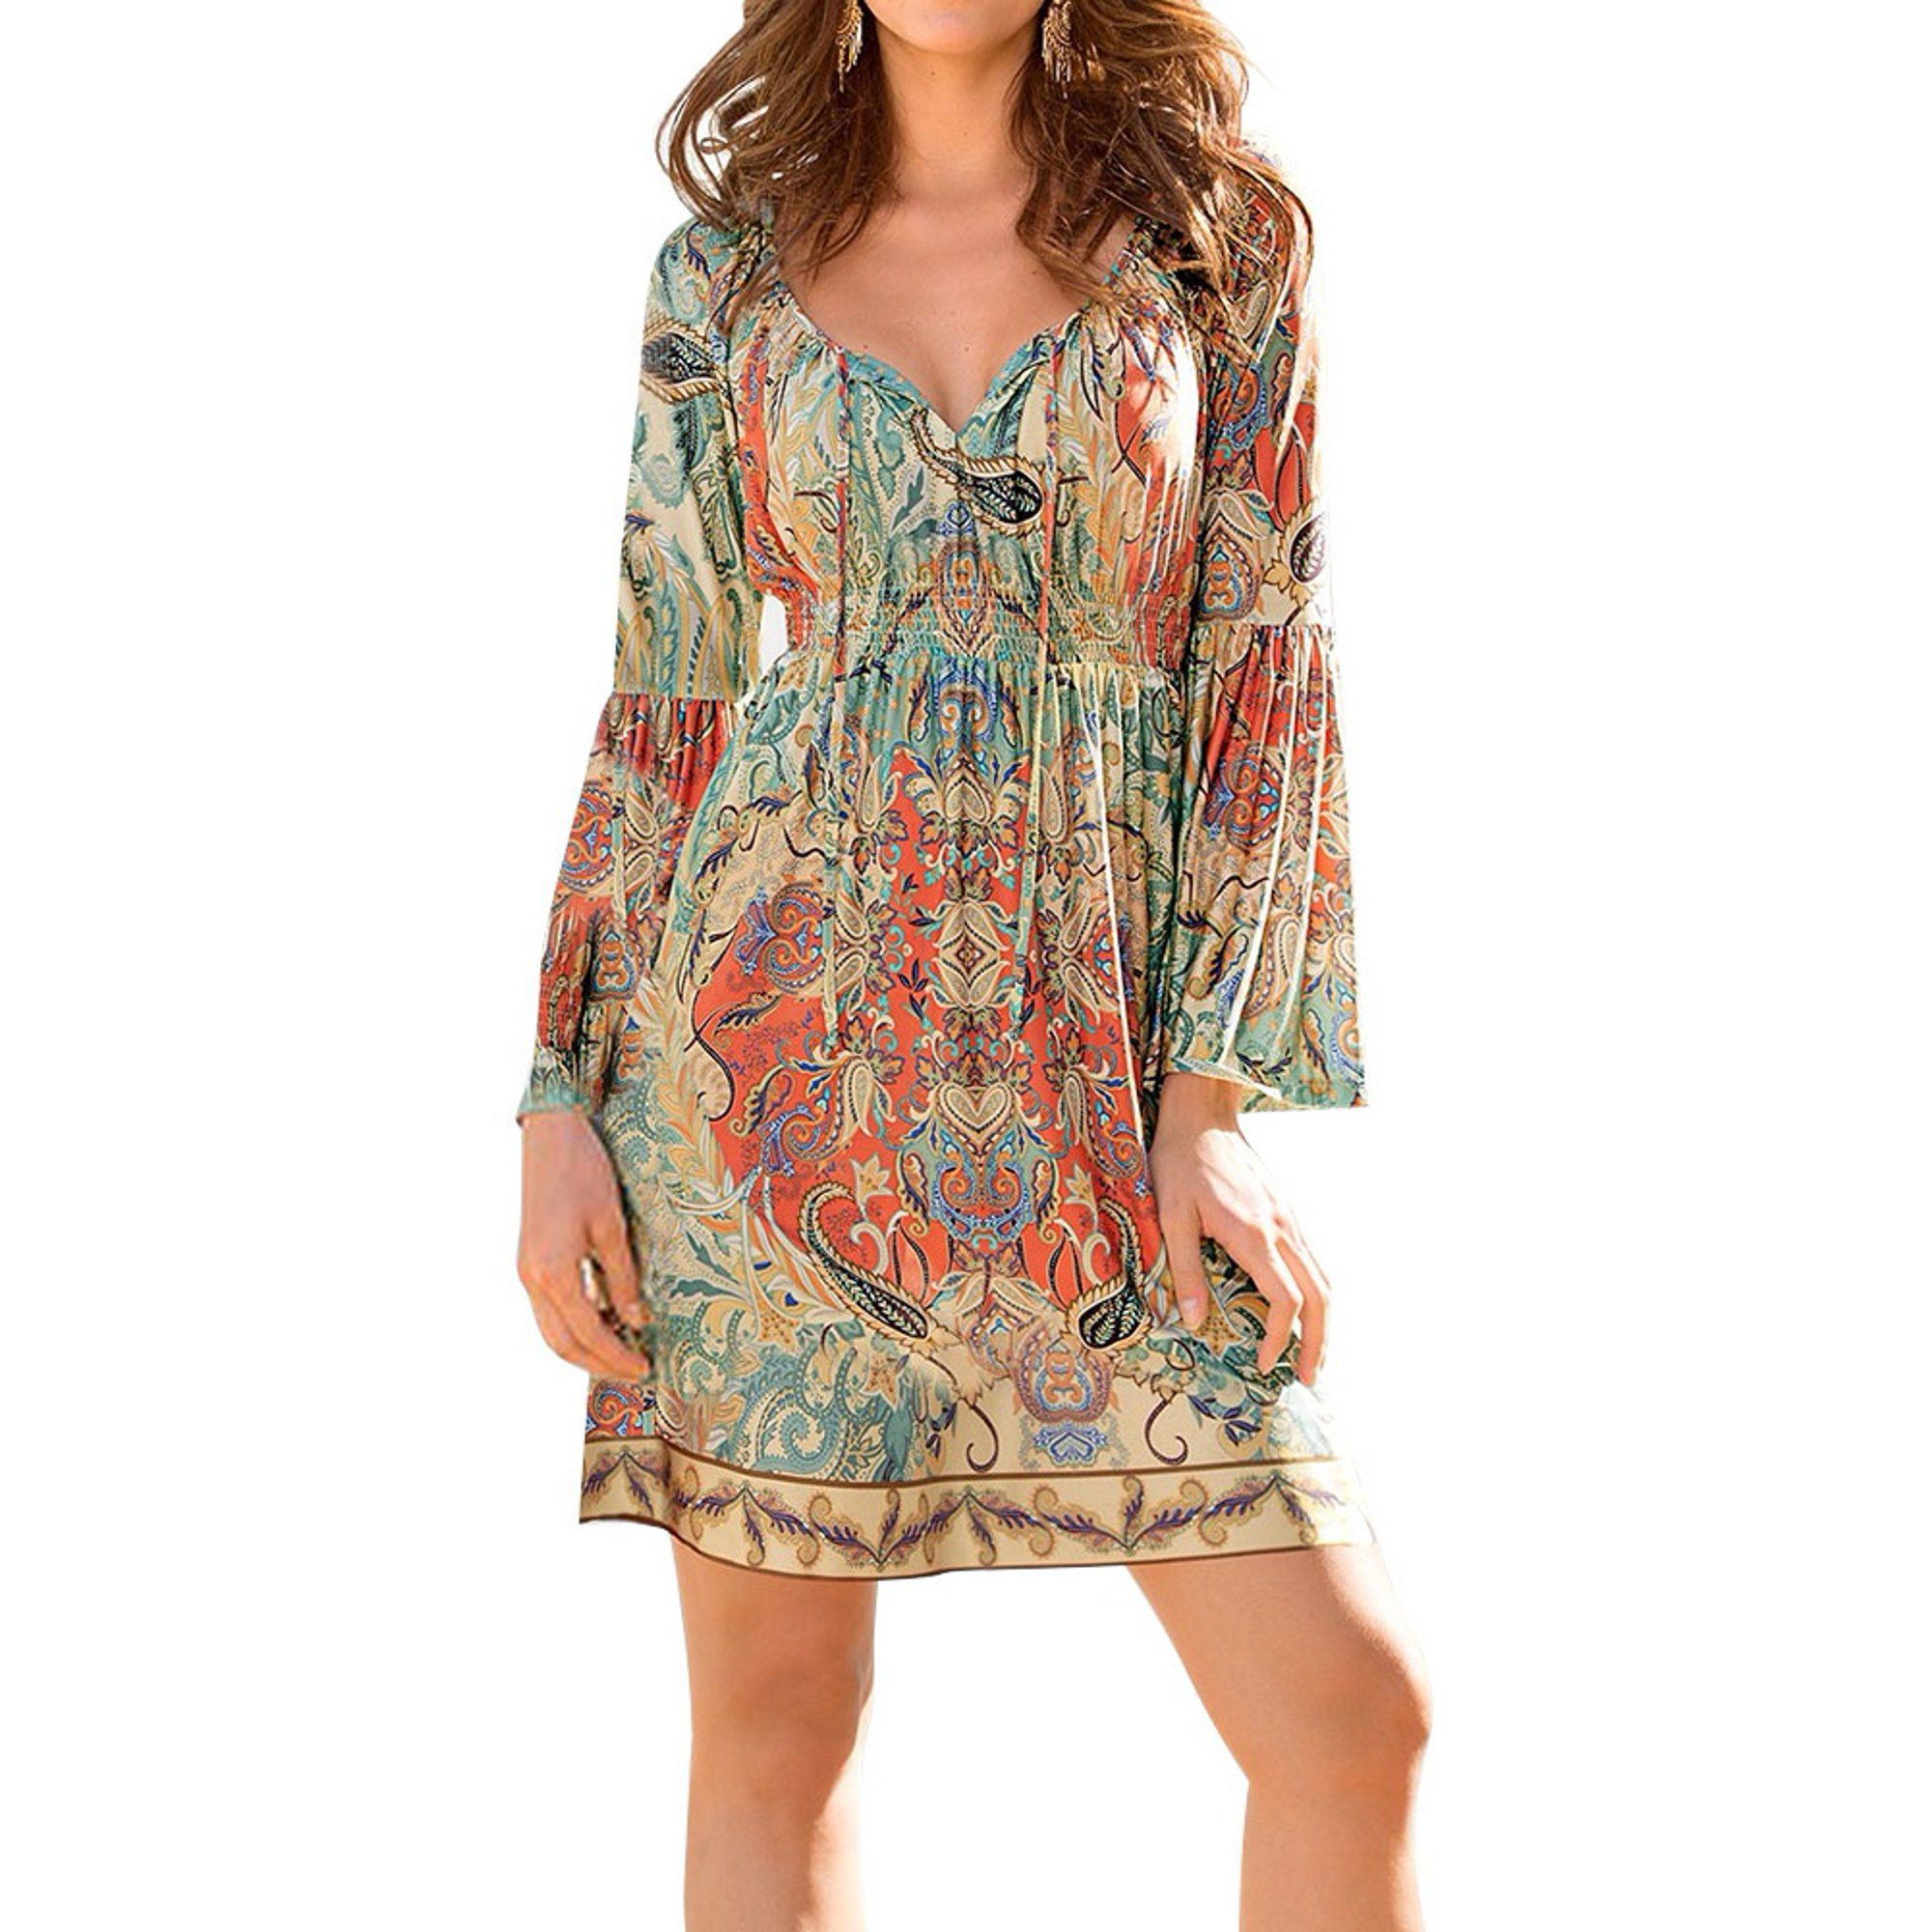 Zxzy Zxzy Boho Style Women Dress Long Sleeve Beach Summer Dresses Floral Print Vintage Maxi Dress Walmart In 2021 Vintage Maxi Dress Boho Fashion Long Sleeve Dress [ 2000 x 2000 Pixel ]